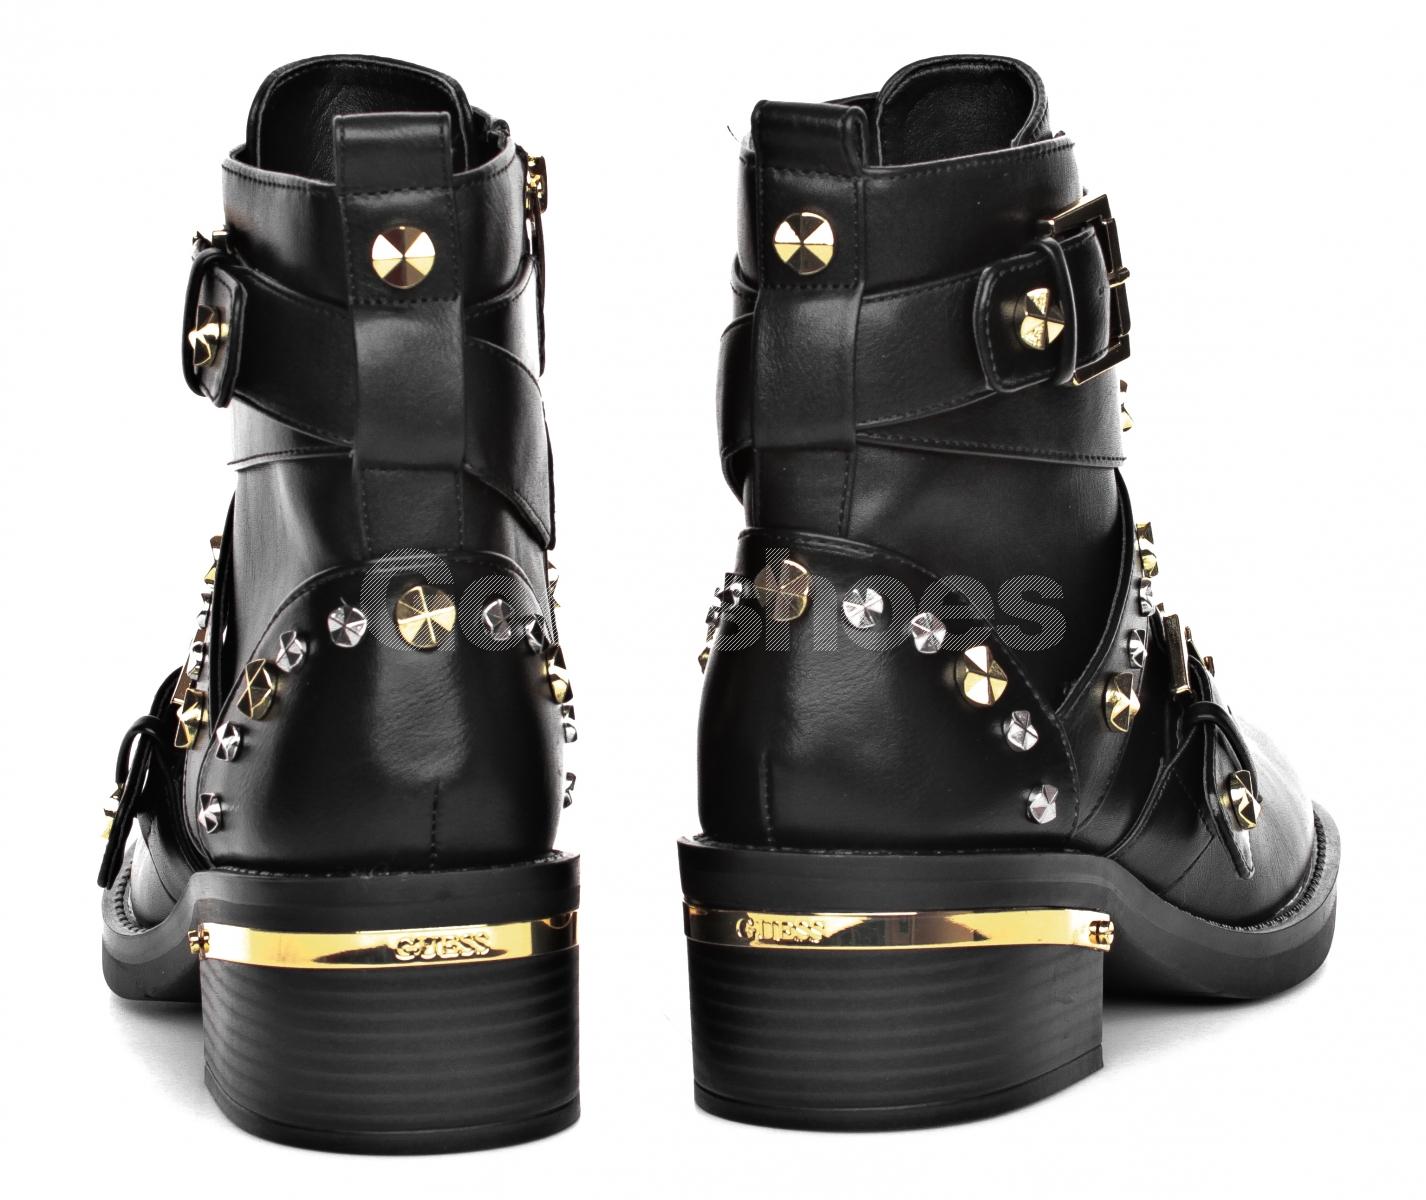 dcff9830778f8 Botki Damskie GUESS Czarne FANCEY FLFNC4 ELE10 BLACK - Goodshoes.pl